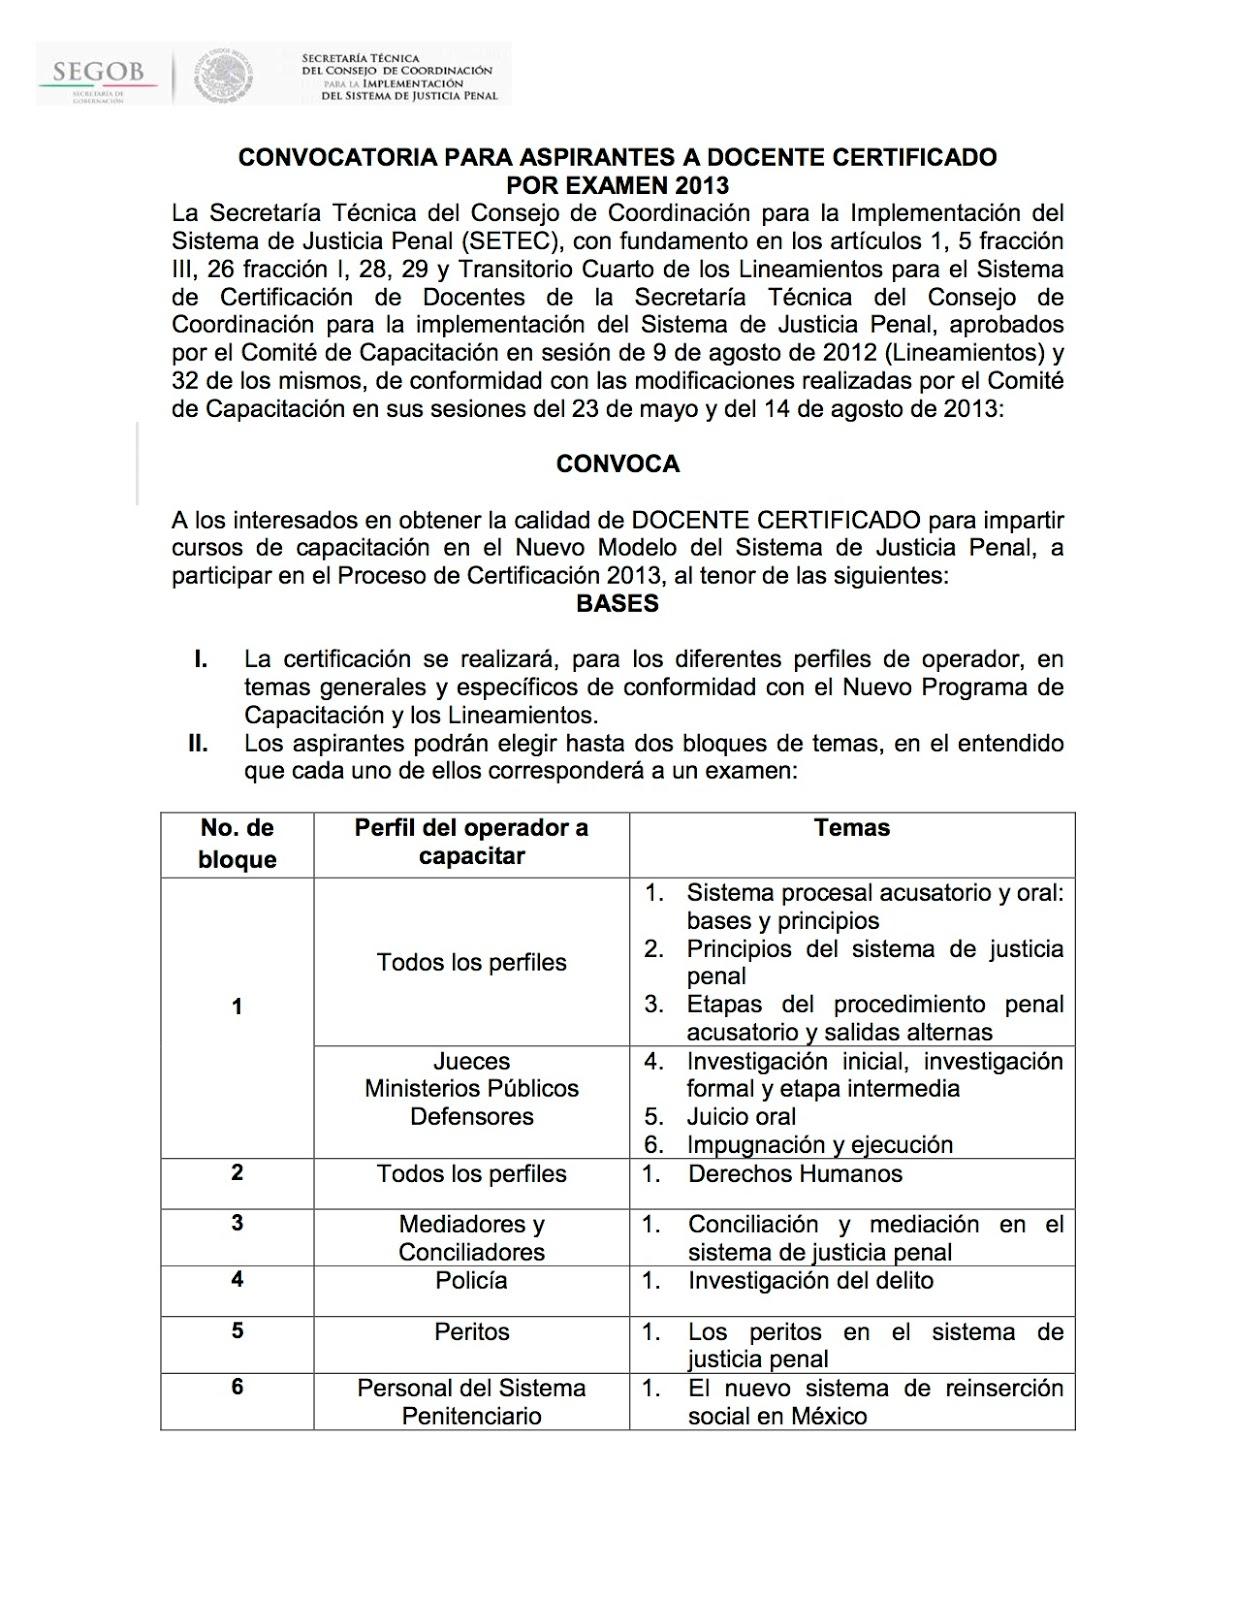 Actualizaci n forense legal convocatoria para aspirantes for Convocatoria para docentes